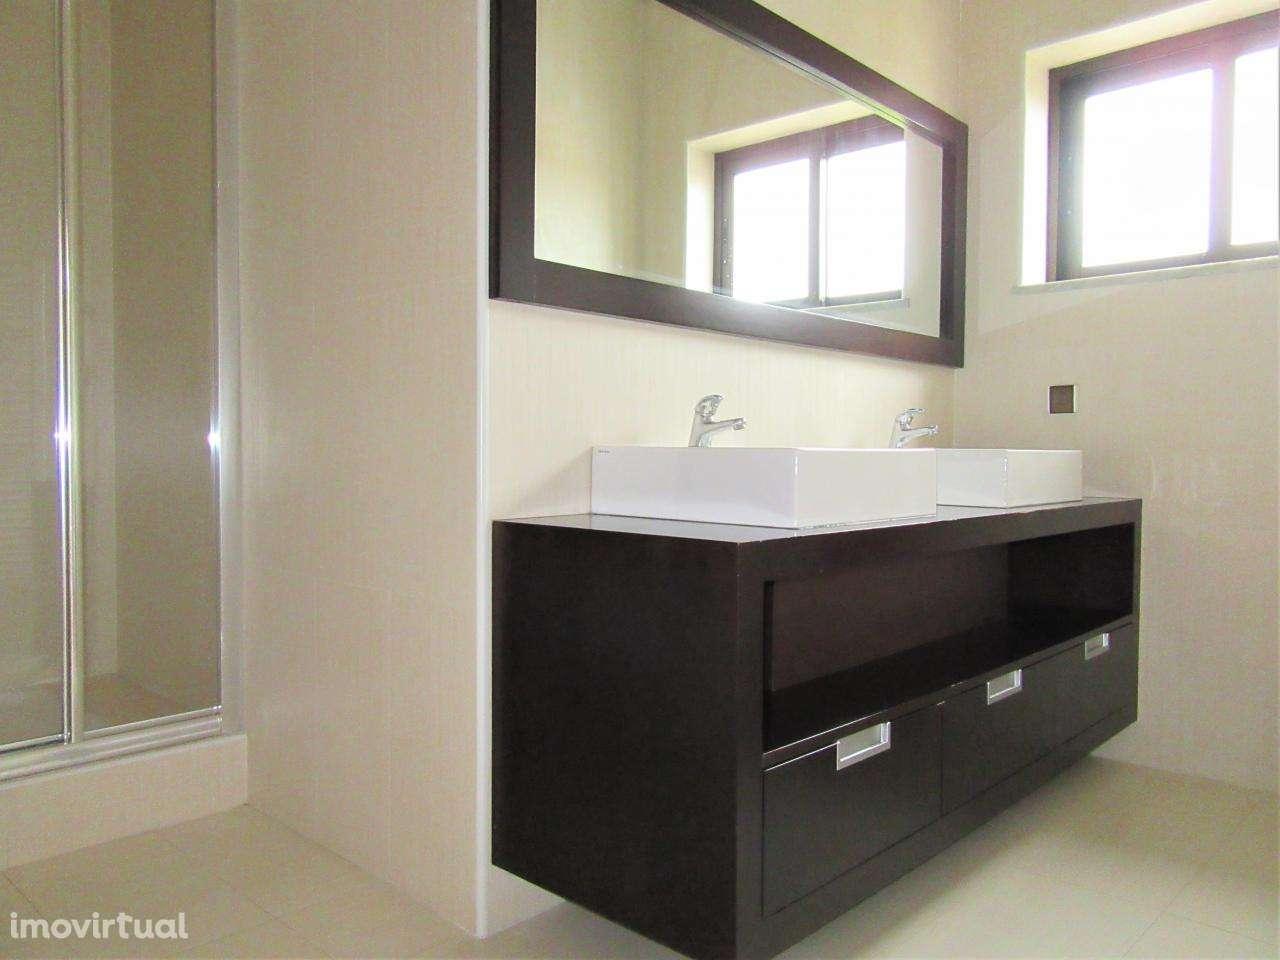 Apartamento para comprar, Leiria, Pousos, Barreira e Cortes, Leiria - Foto 19